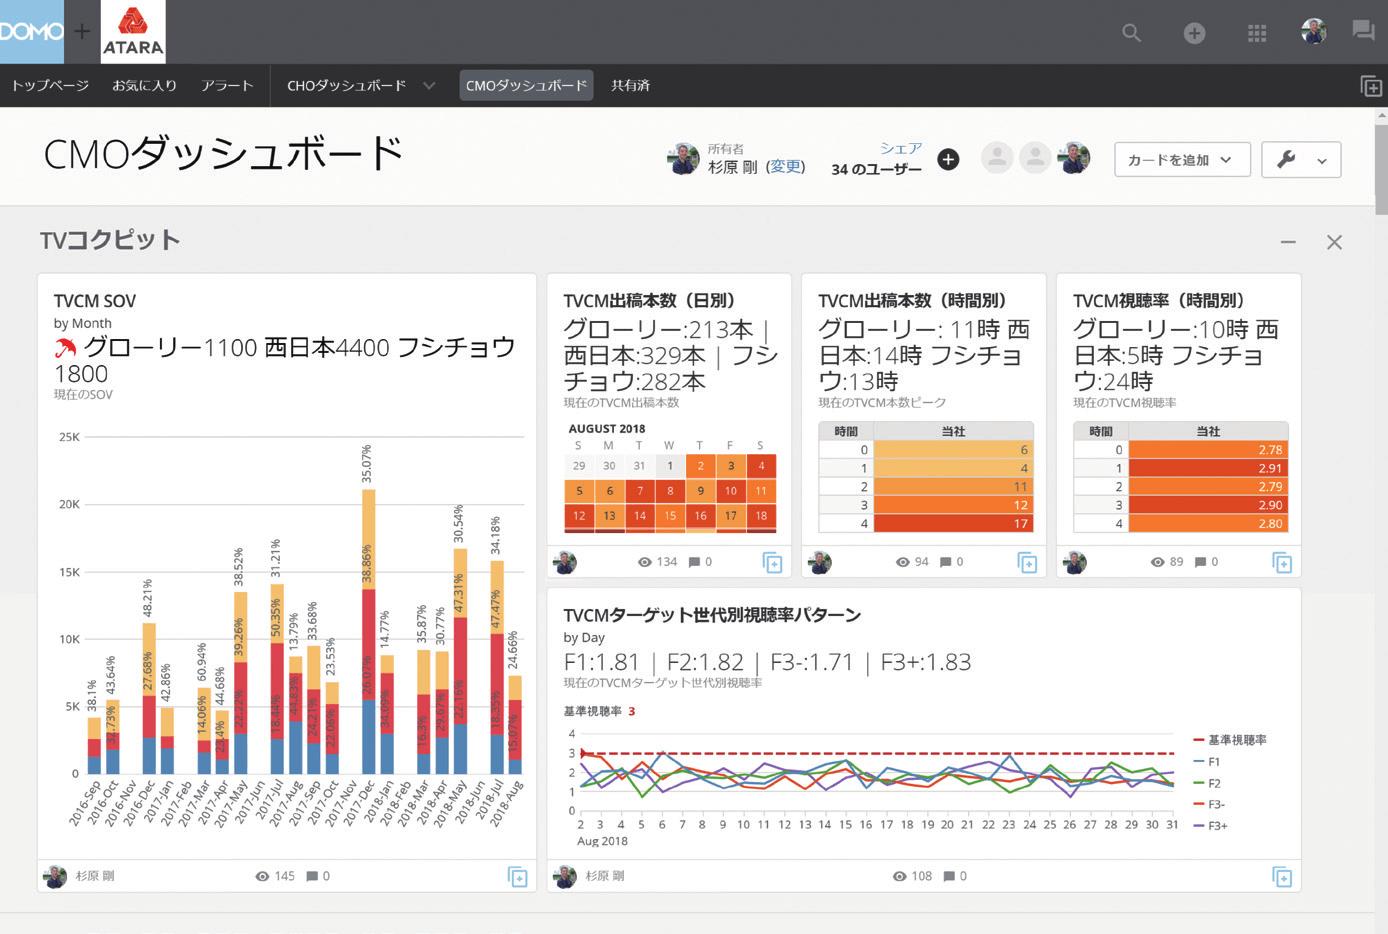 最強のデータ経営:データ活用の主役はIT部門や専門家から一般ユーザーへ